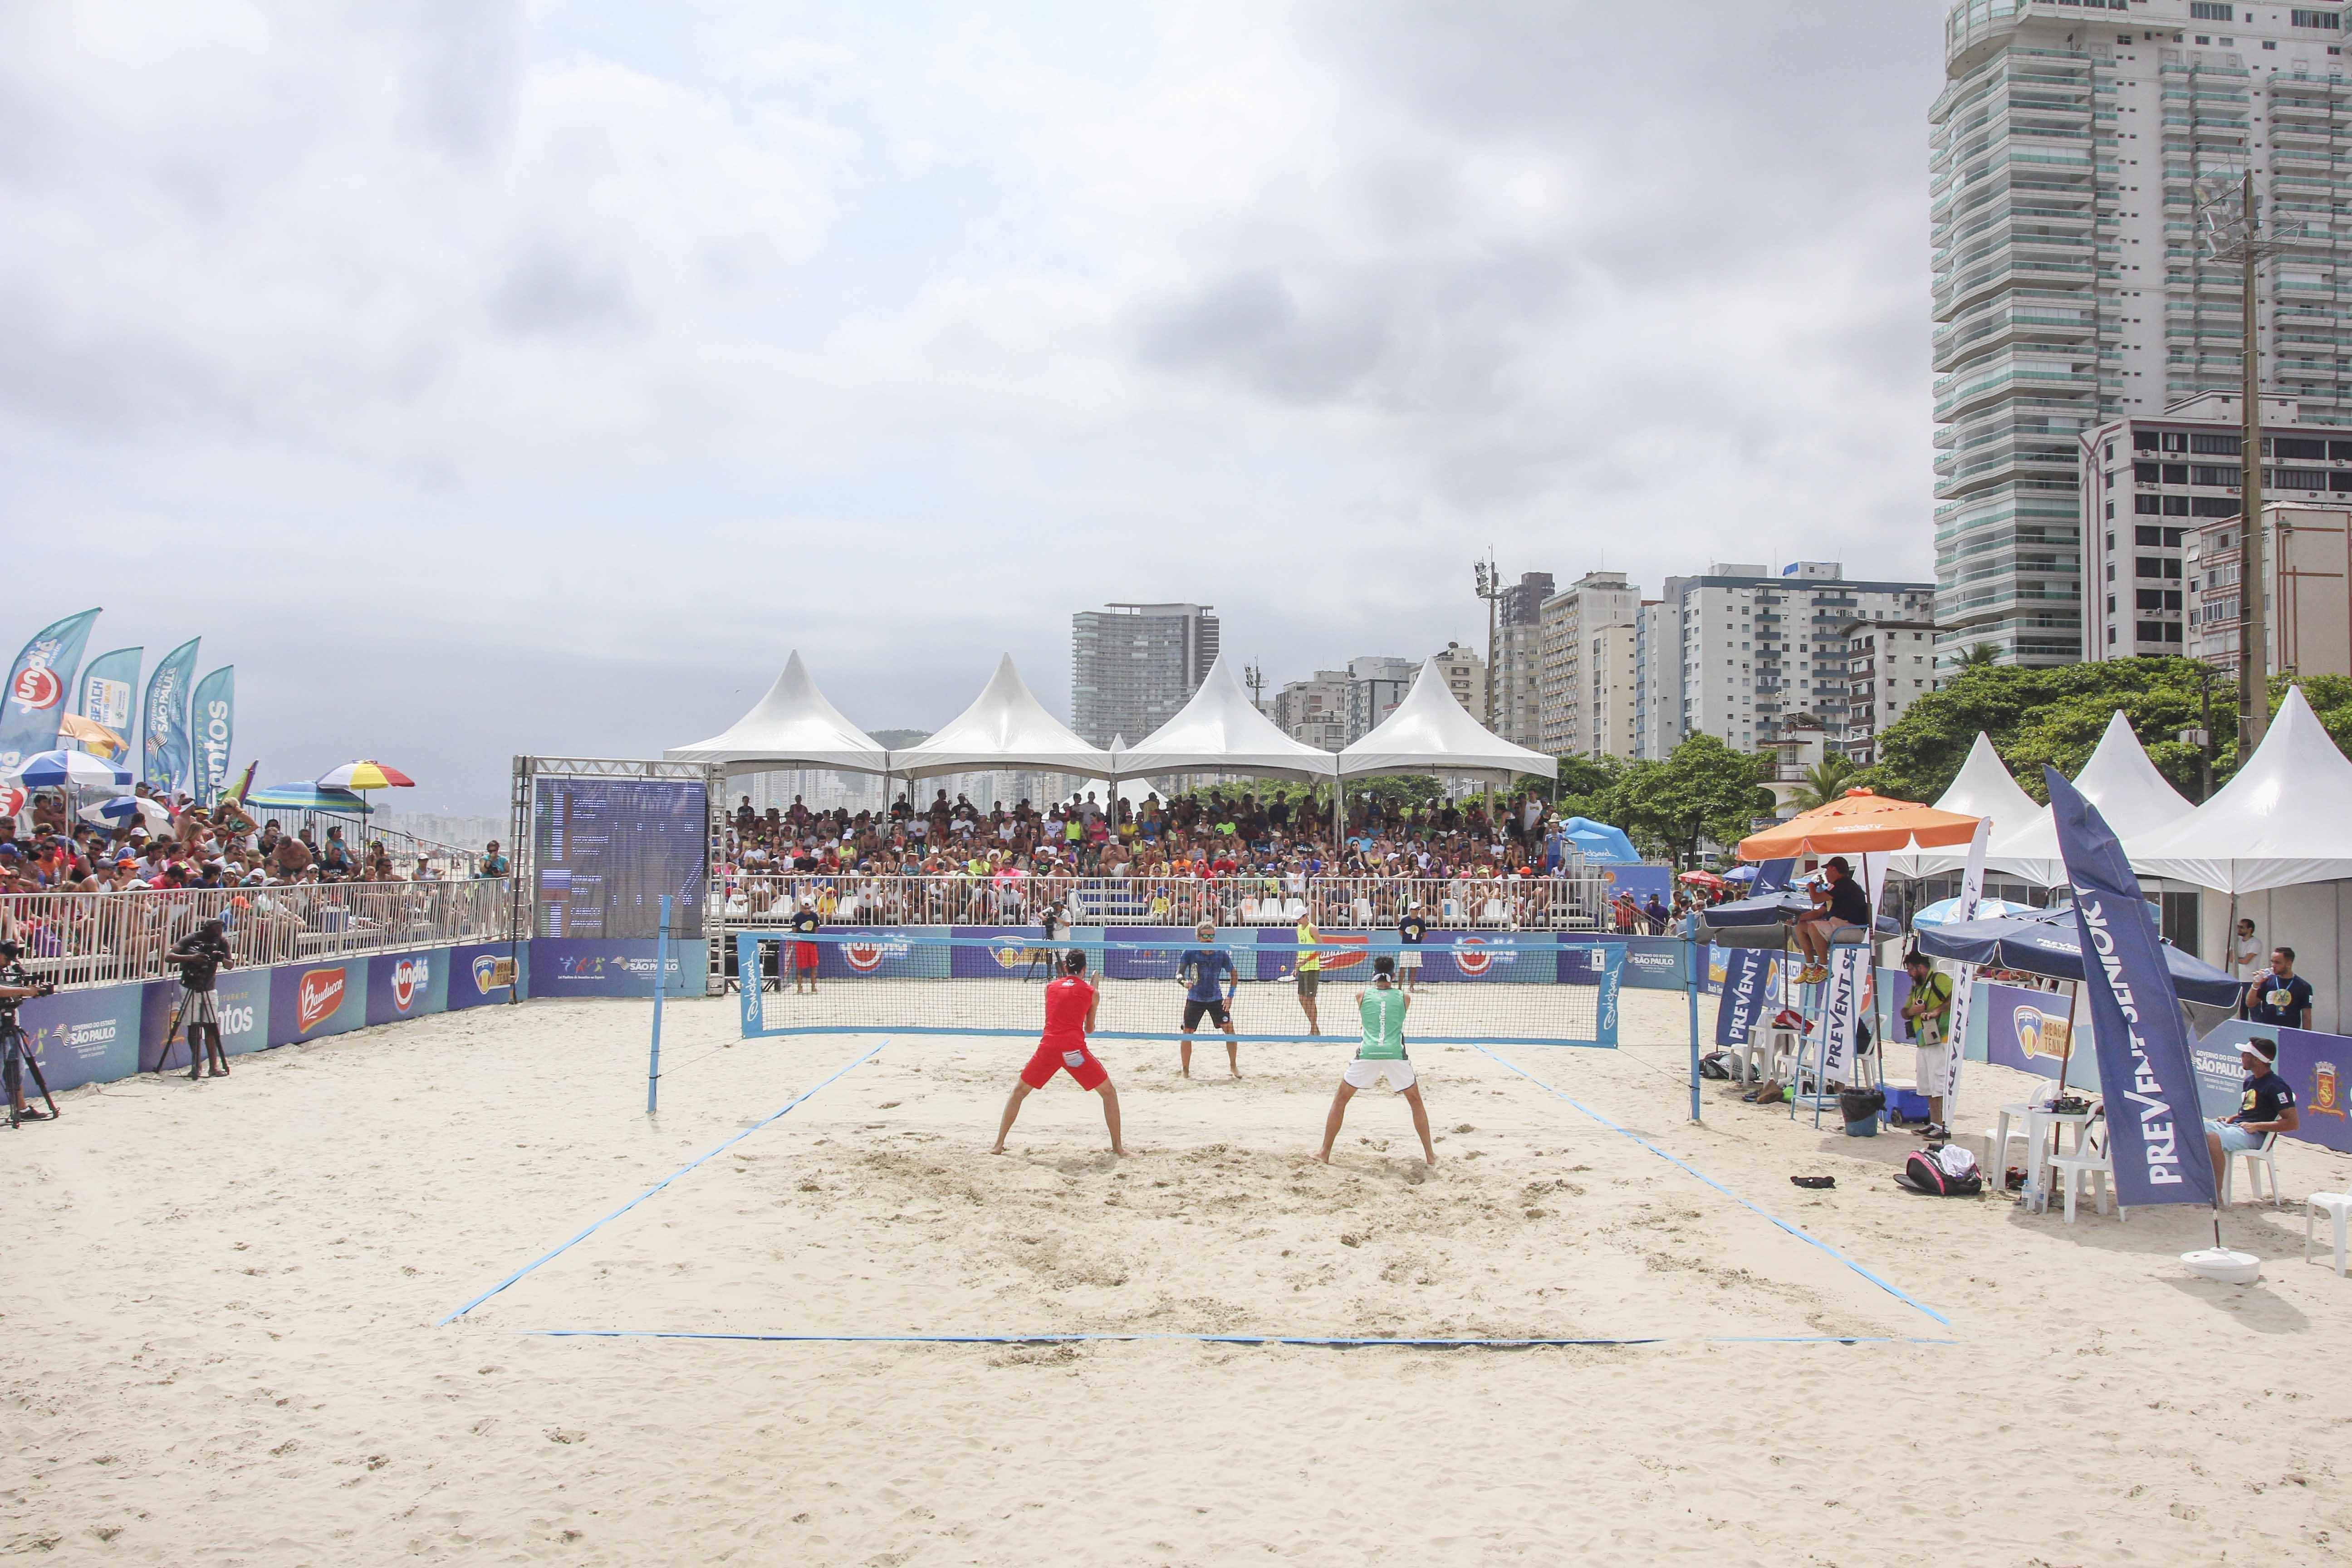 Arena Verão: ITF de Beach Tennis reúne os melhores do mundo em Guarujá